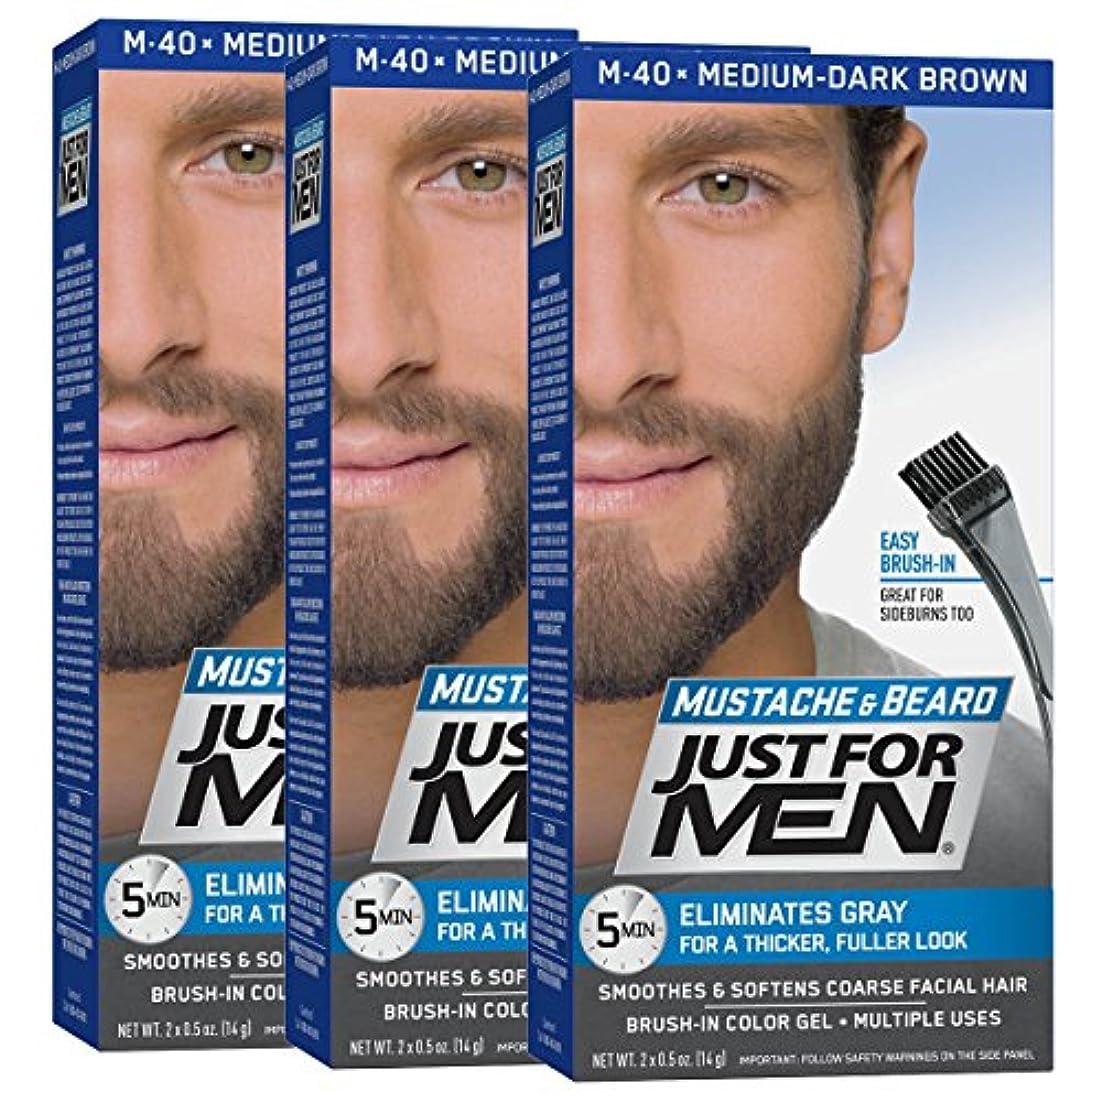 情熱的アナウンサー船上Just for Men 口ひげ&髭ブラシ-のカラージェル、ミディアム?ダークブラウン(3パック、パッケージングは??変更になる場合があります) 3 05ミディアム、ダークブラウン